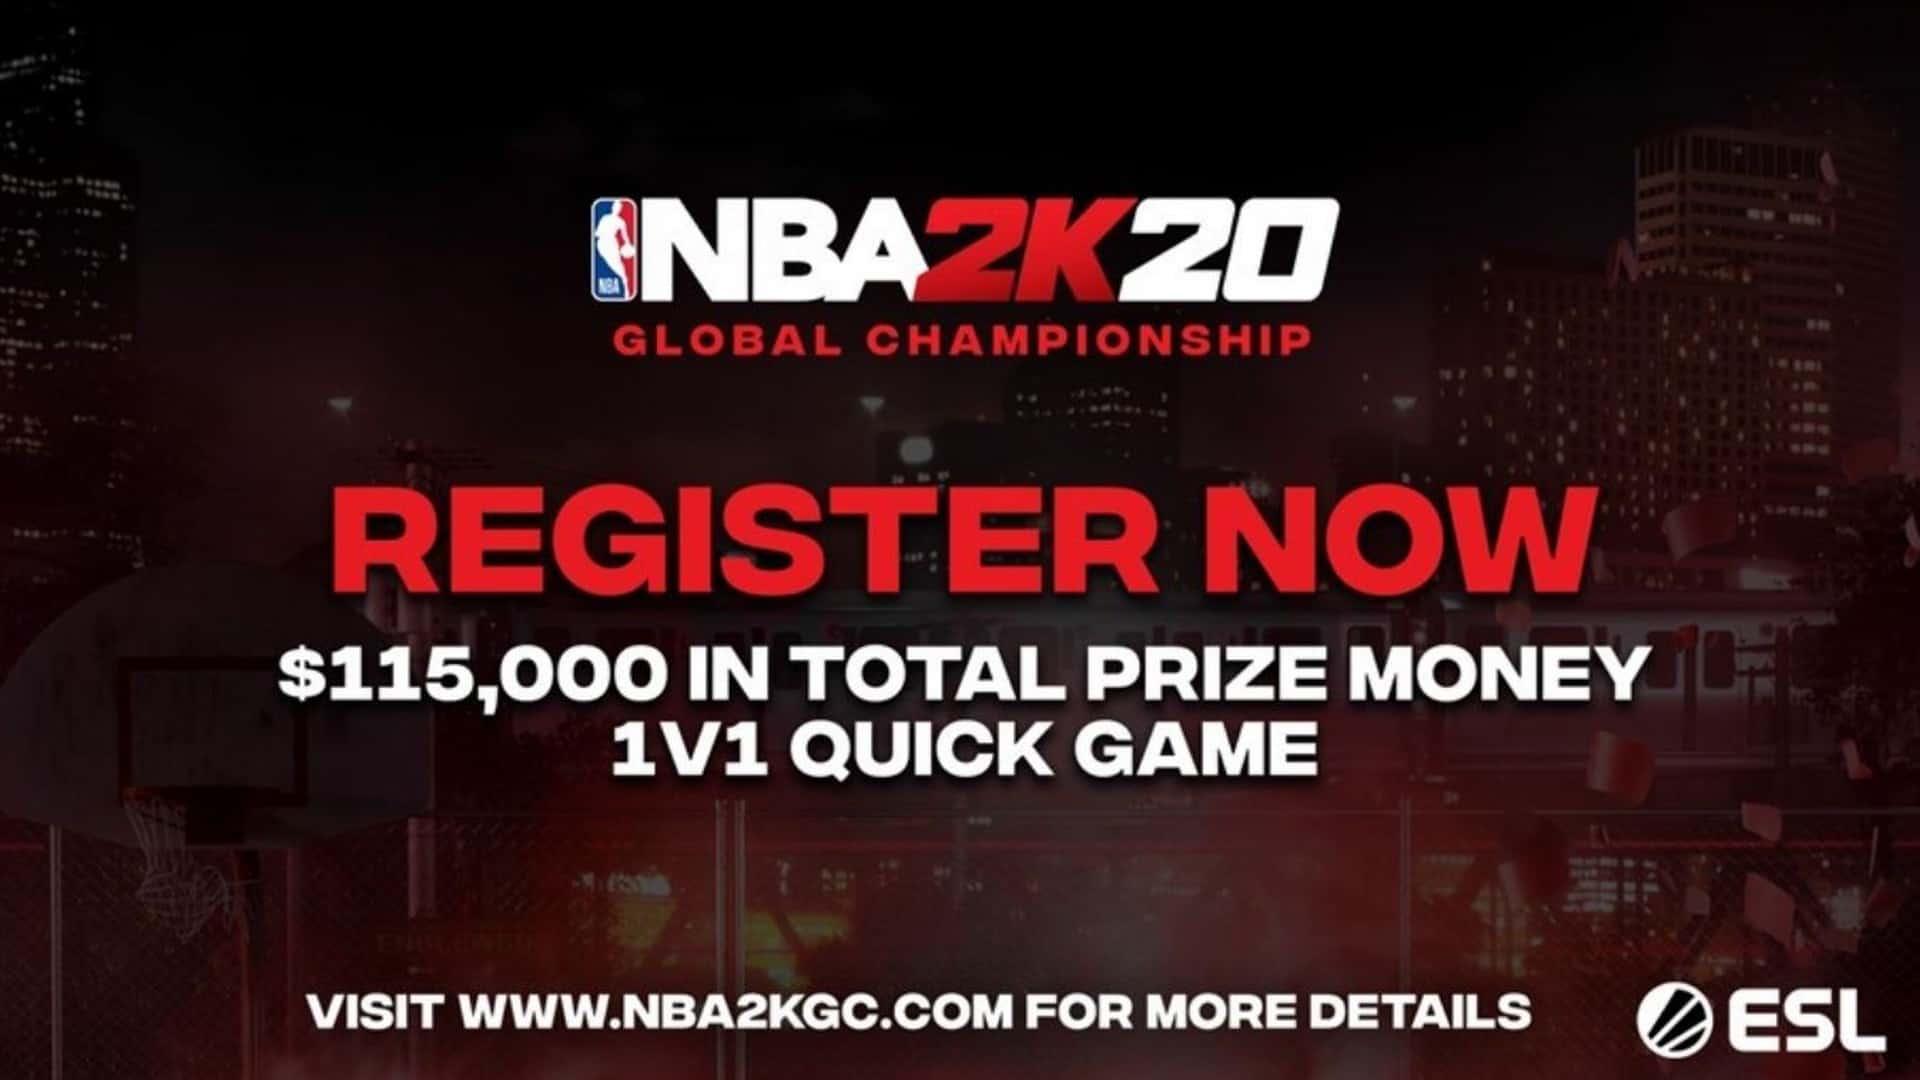 NBA 2K20 Global Championship